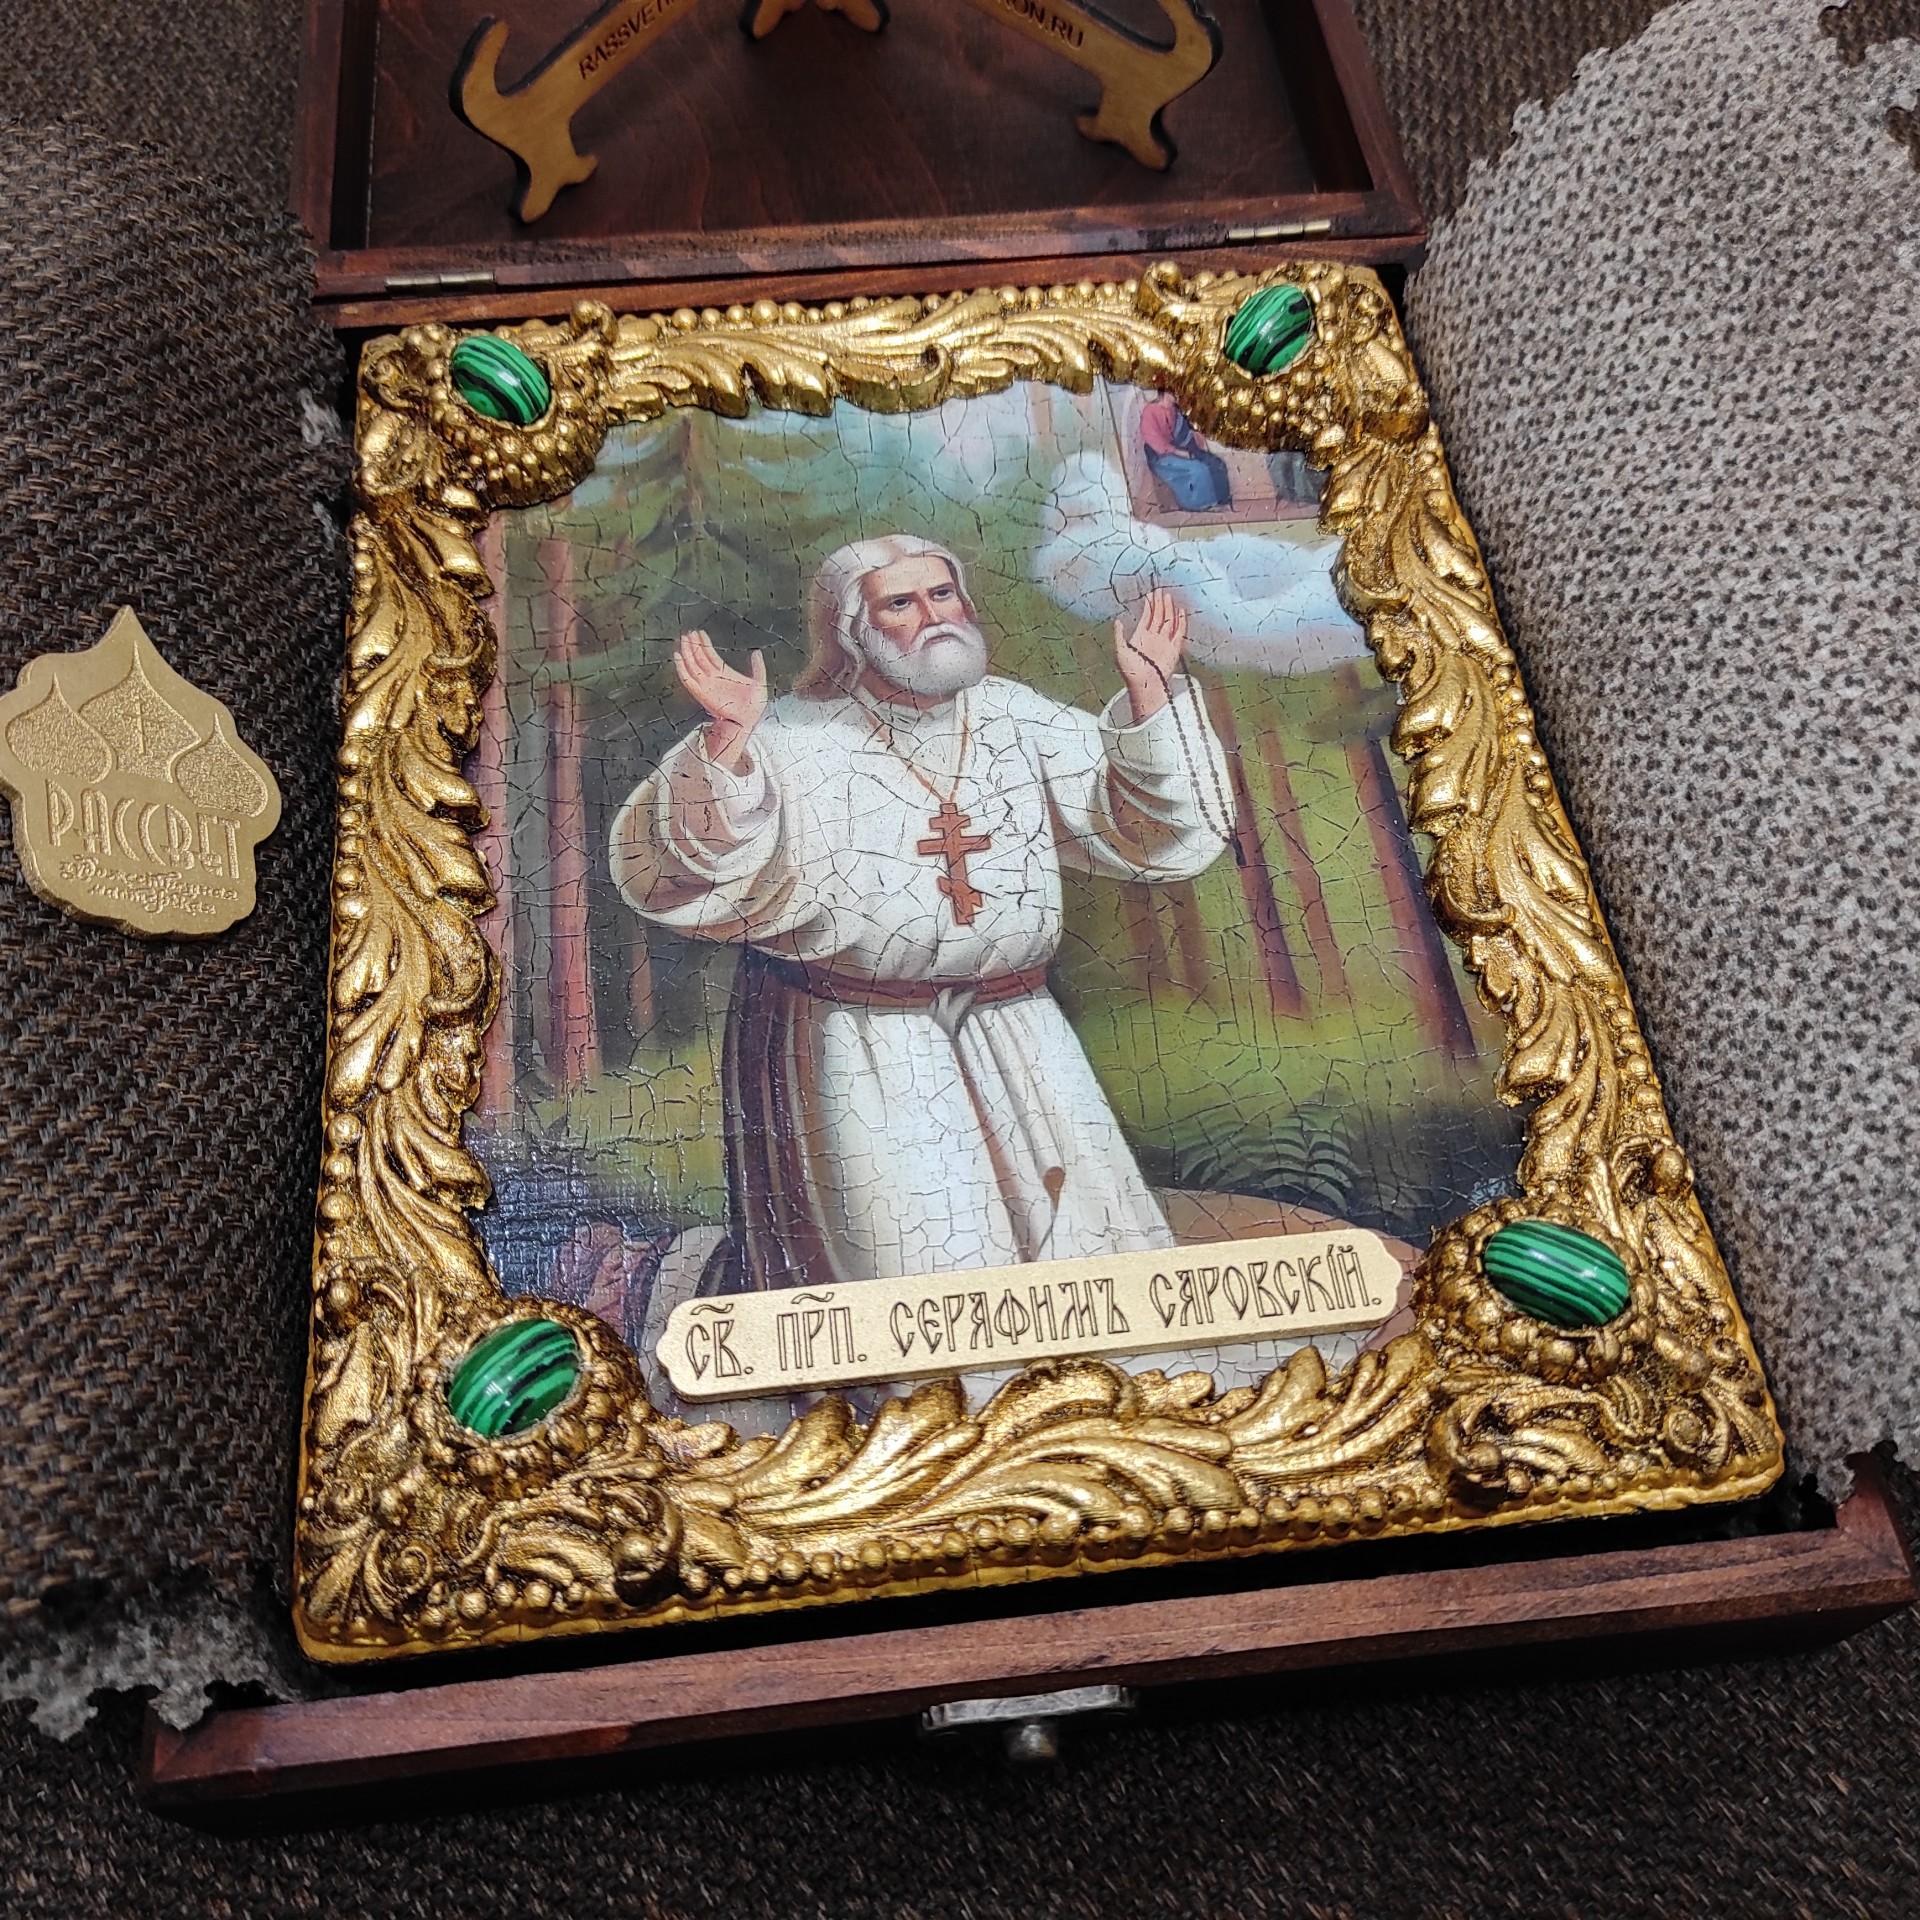 Фото авторской иконы Серафима Саровского с камнями уложенной в футляр другой ракурс